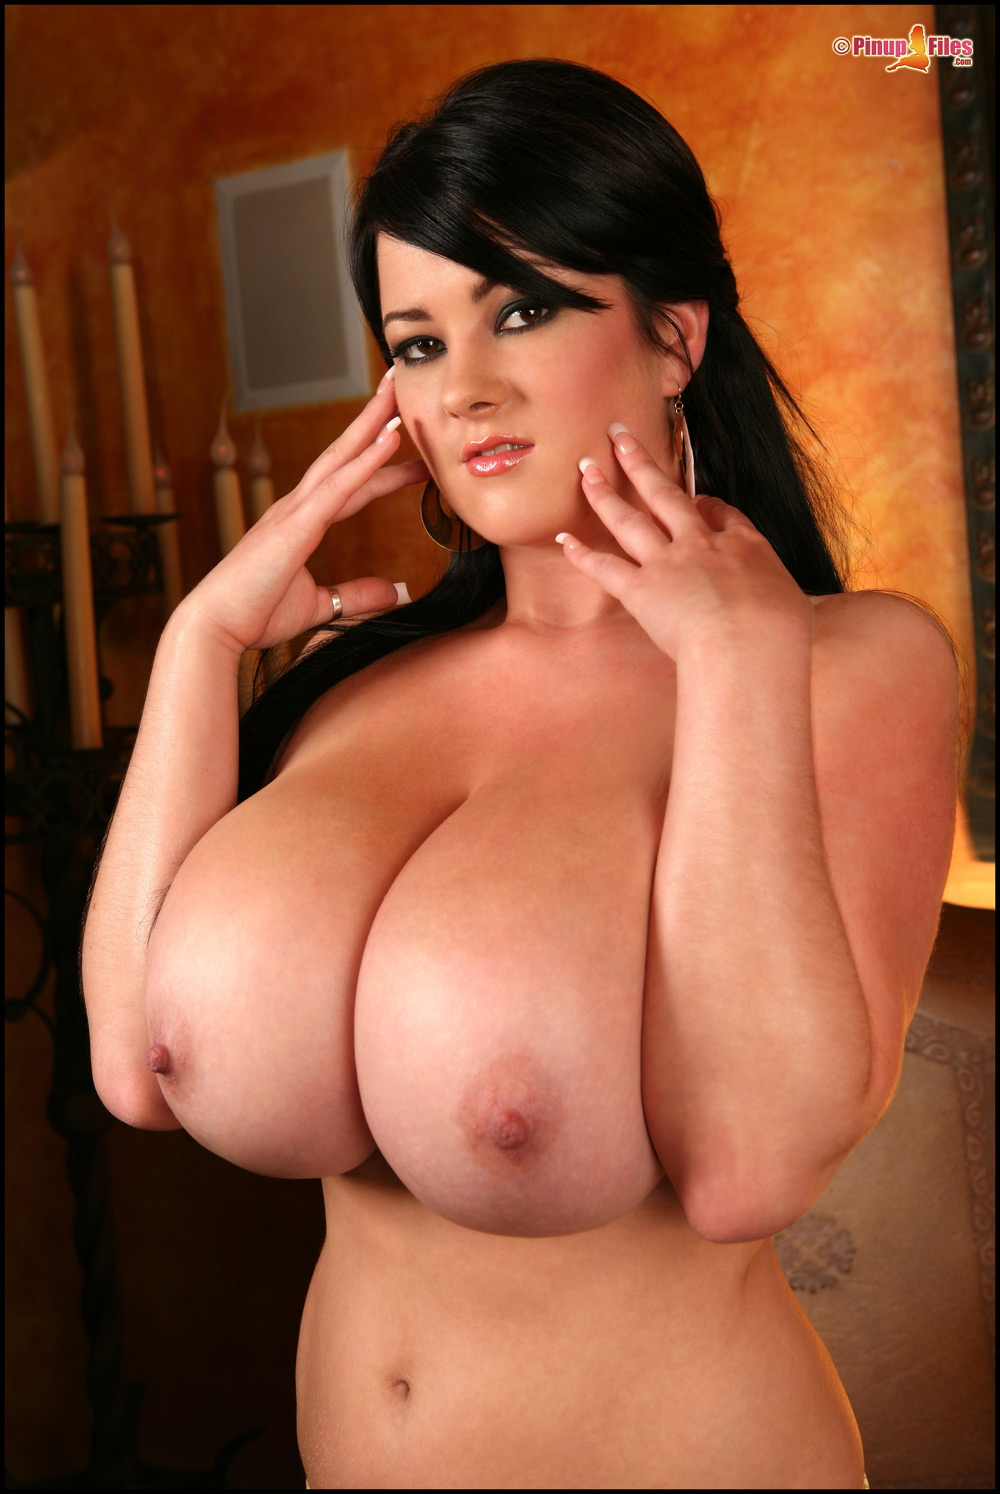 Самые огромные груди голые фото 4 фотография